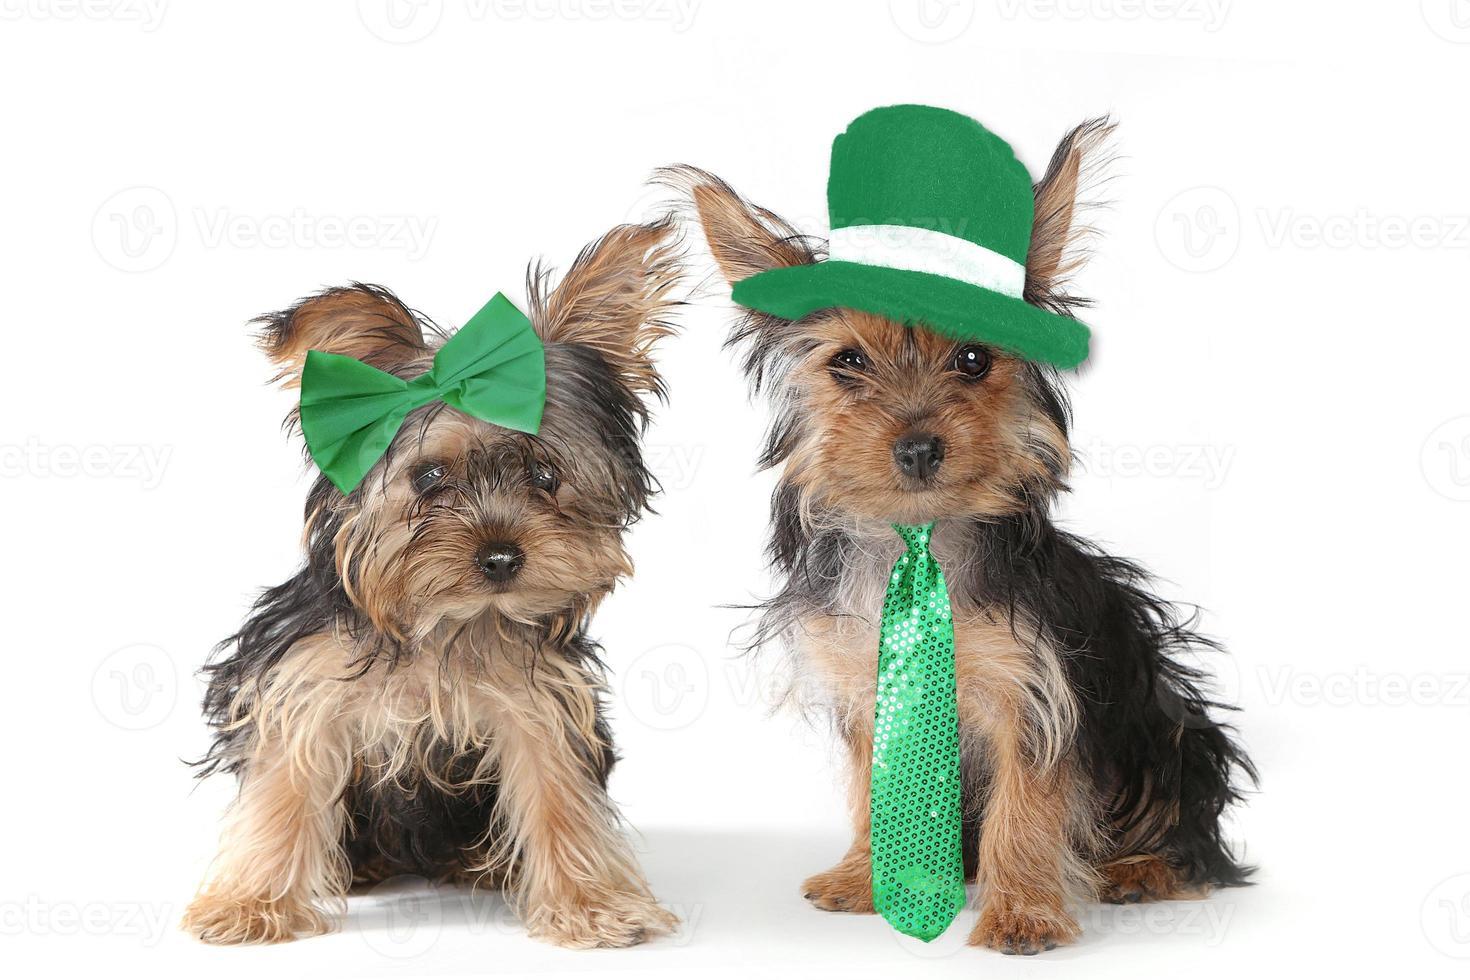 cachorros yorkshire terrier celebrando el día de san patricio foto